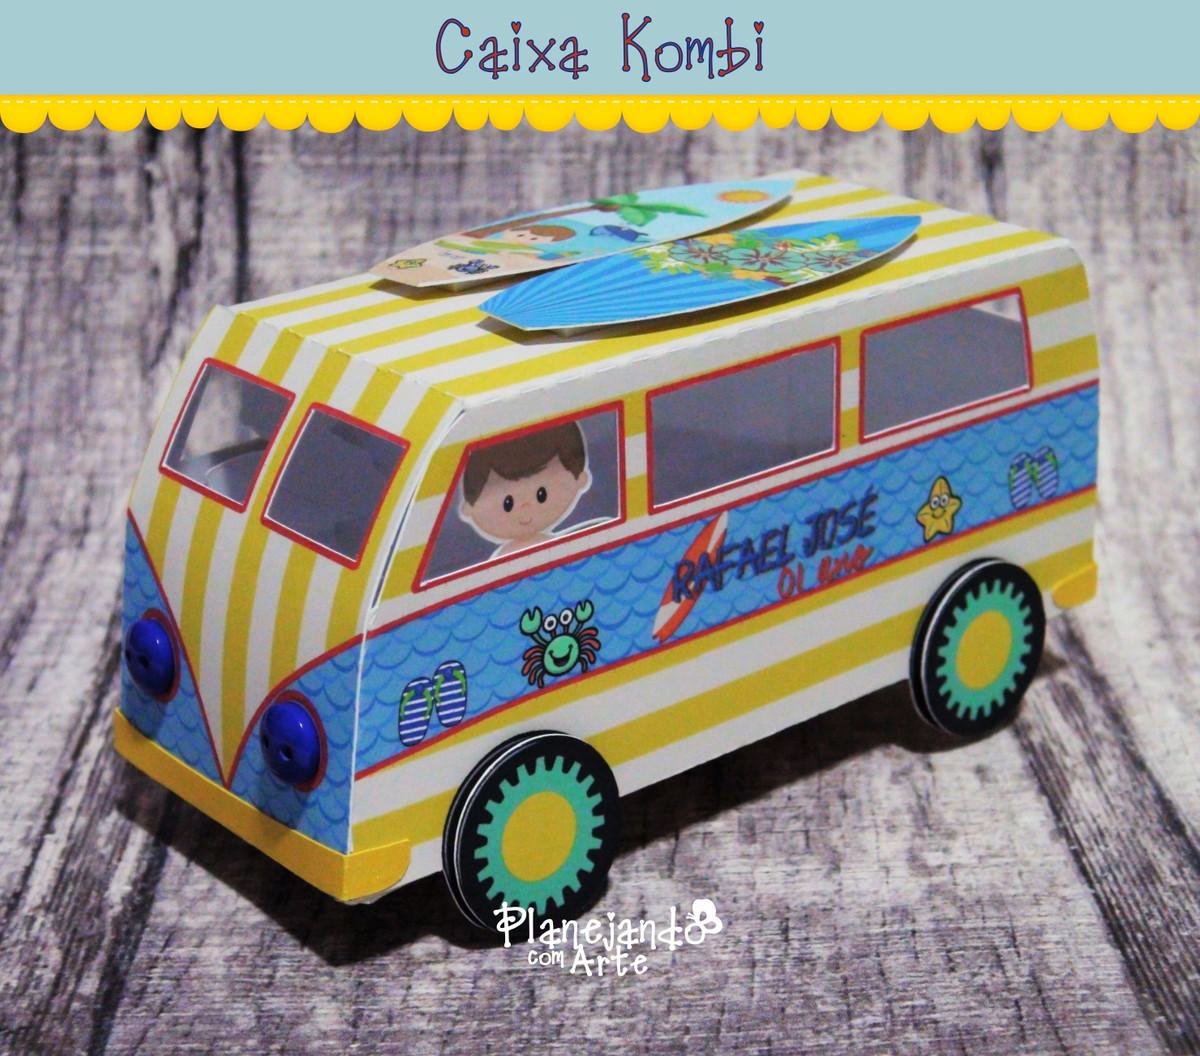 Enfeite De Kombi ~ Caixa Kombi Planejando com Arte Personalizados Elo7